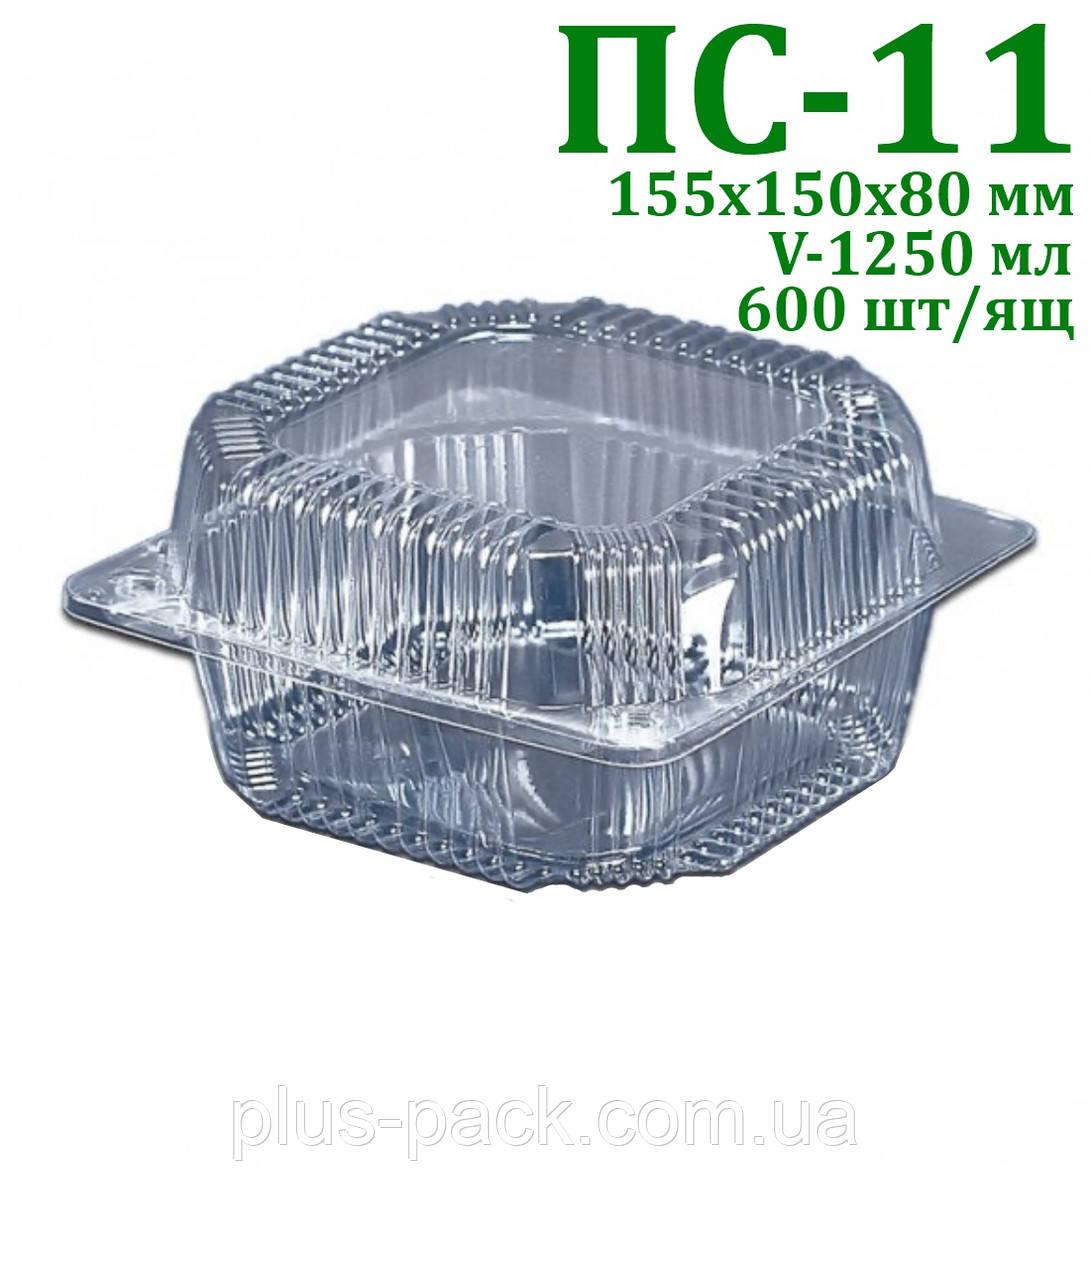 Одноразовый контейнер ПС-11 (1250мл)